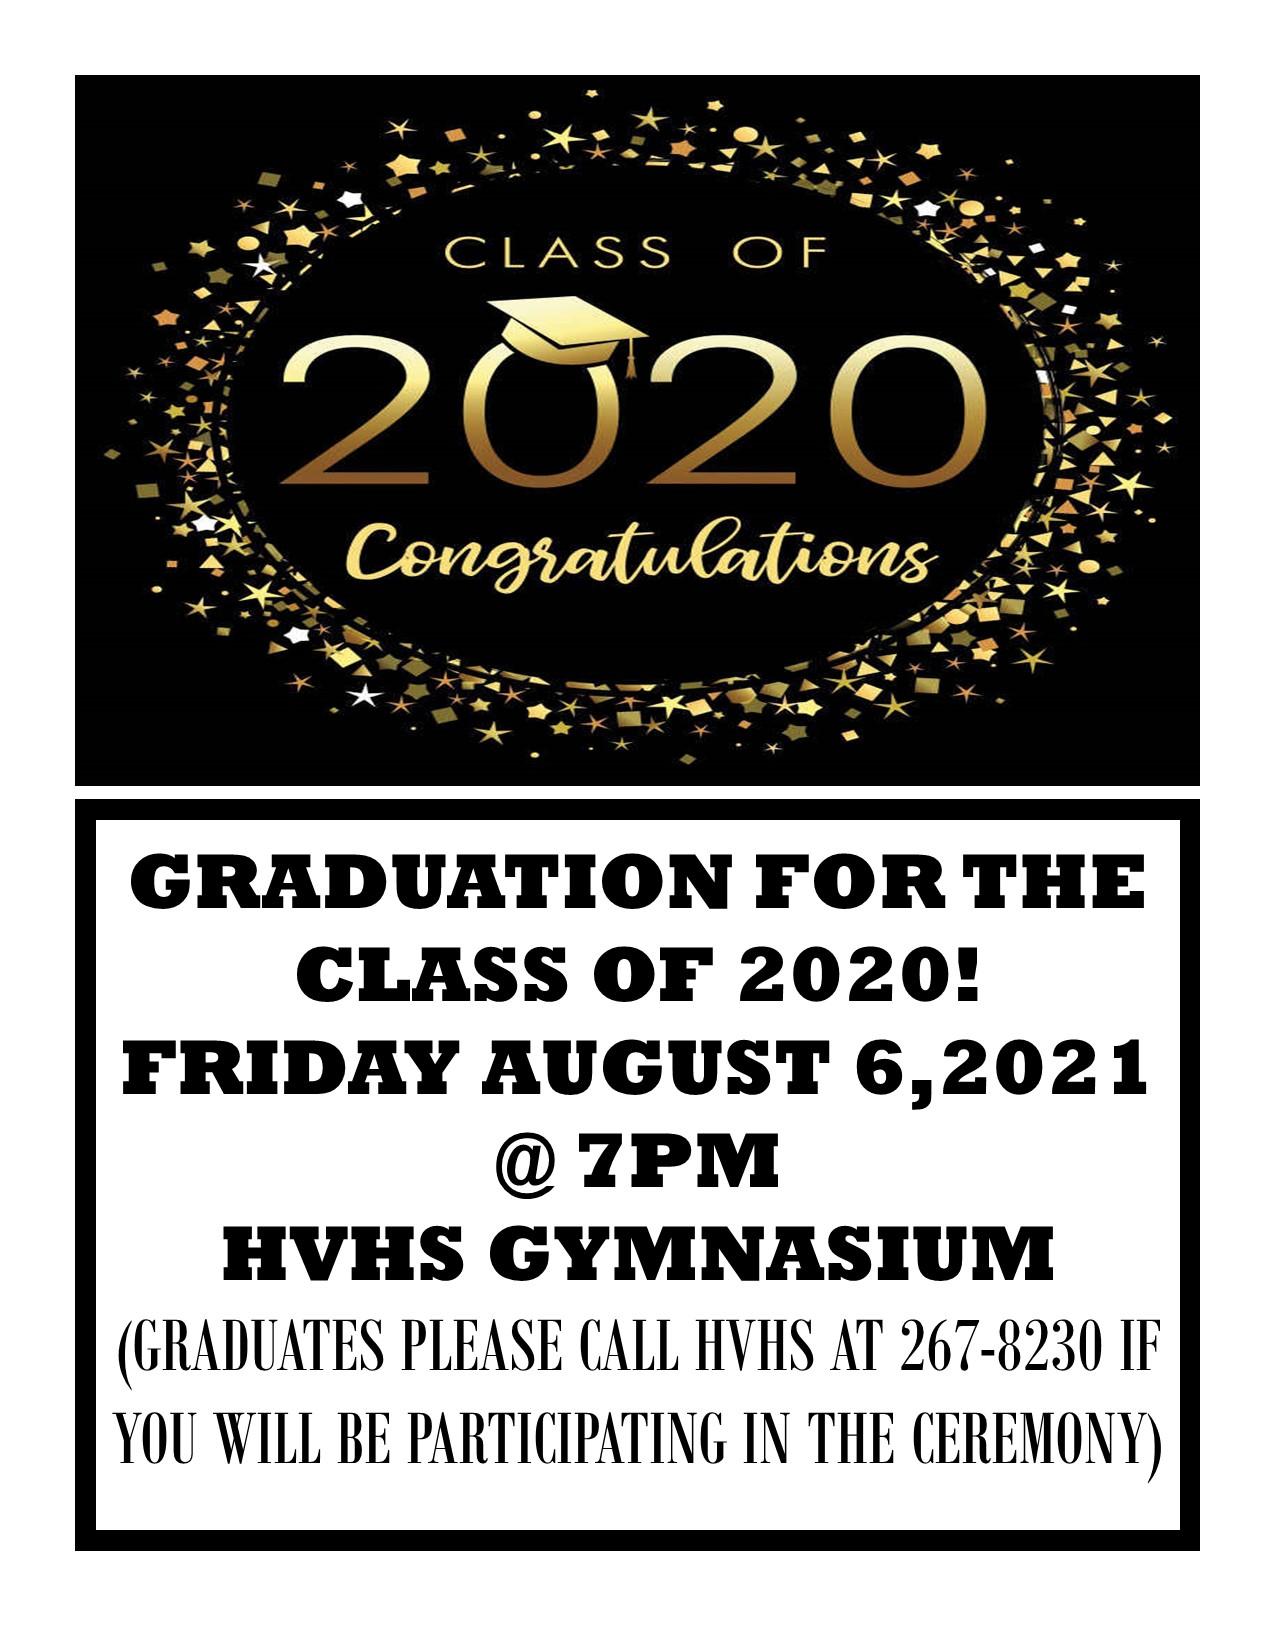 HVHS Flyer 2020 Graduation Cerimony